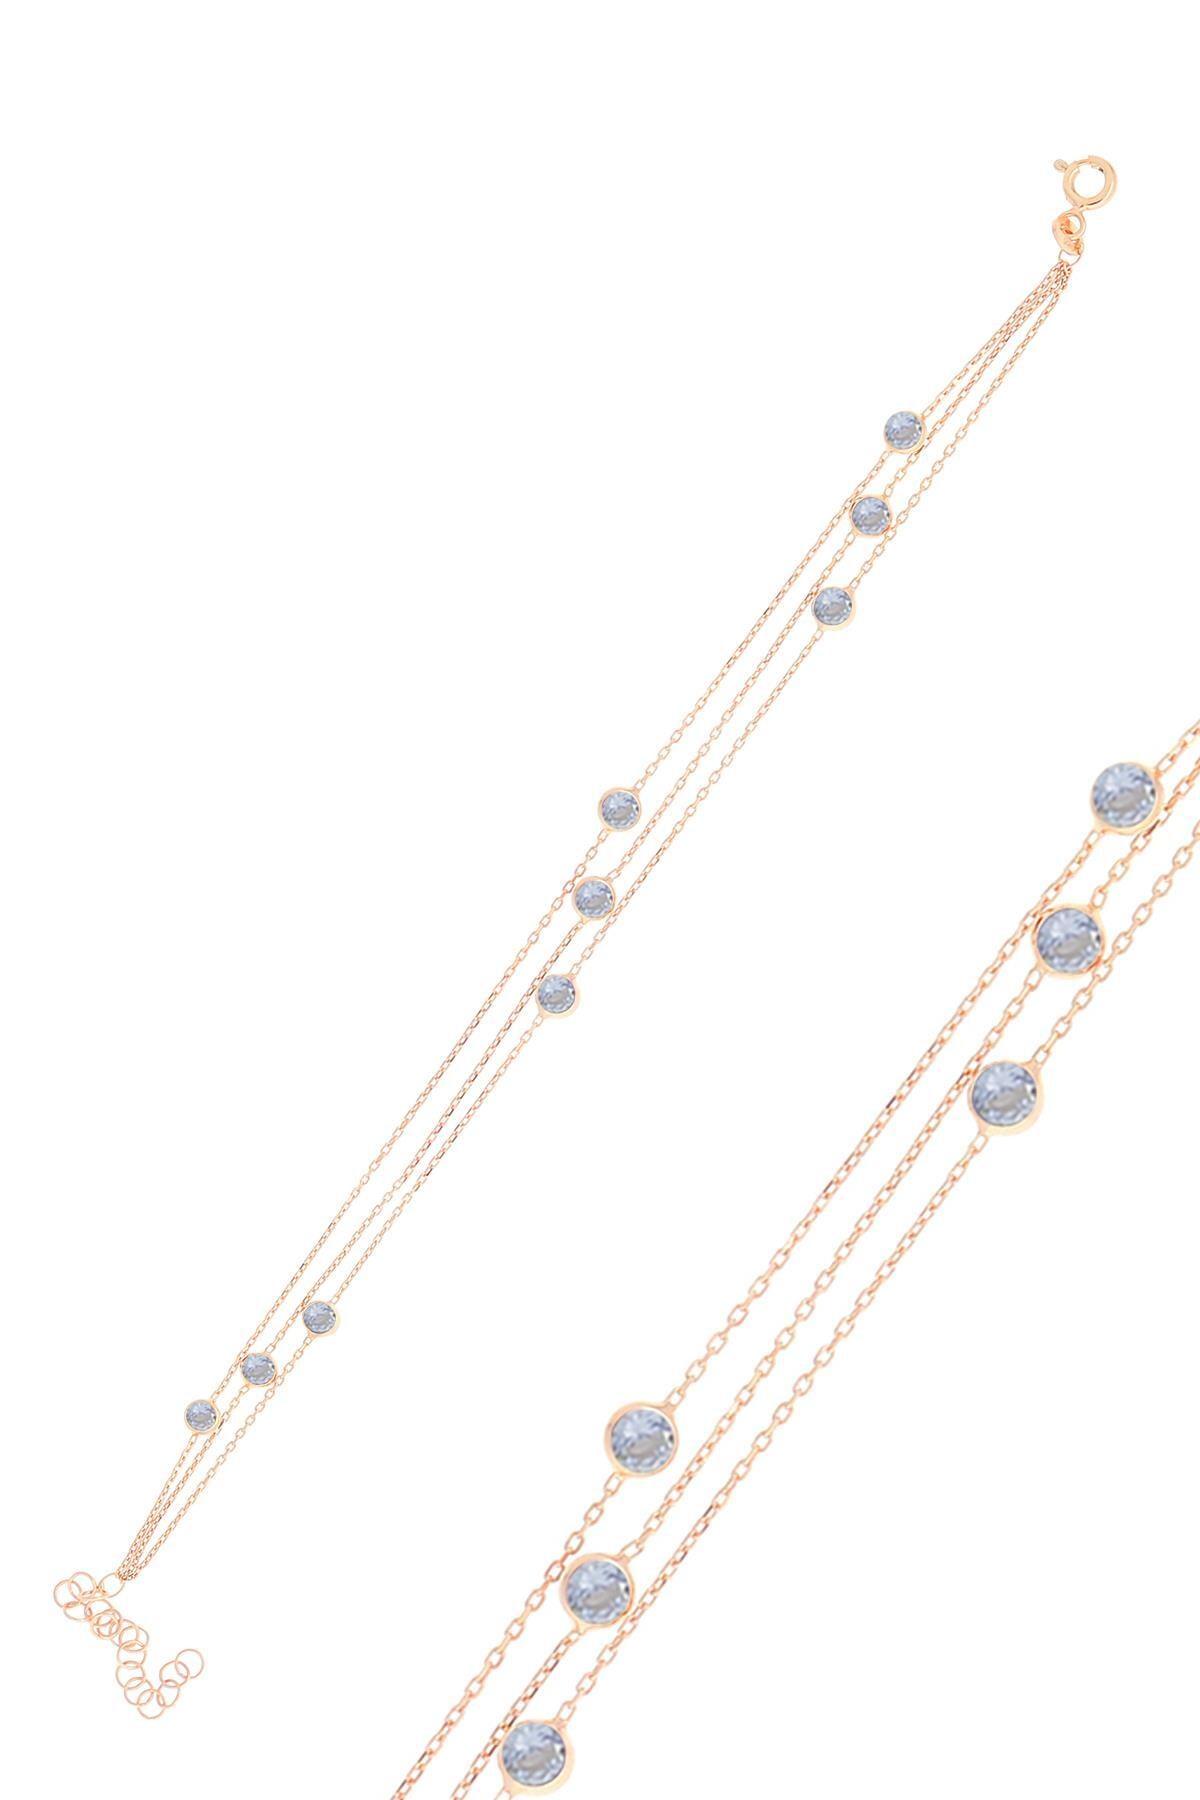 Söğütlü Silver Gümüş Rose Zirkon Sıra Taşlı Bileklik